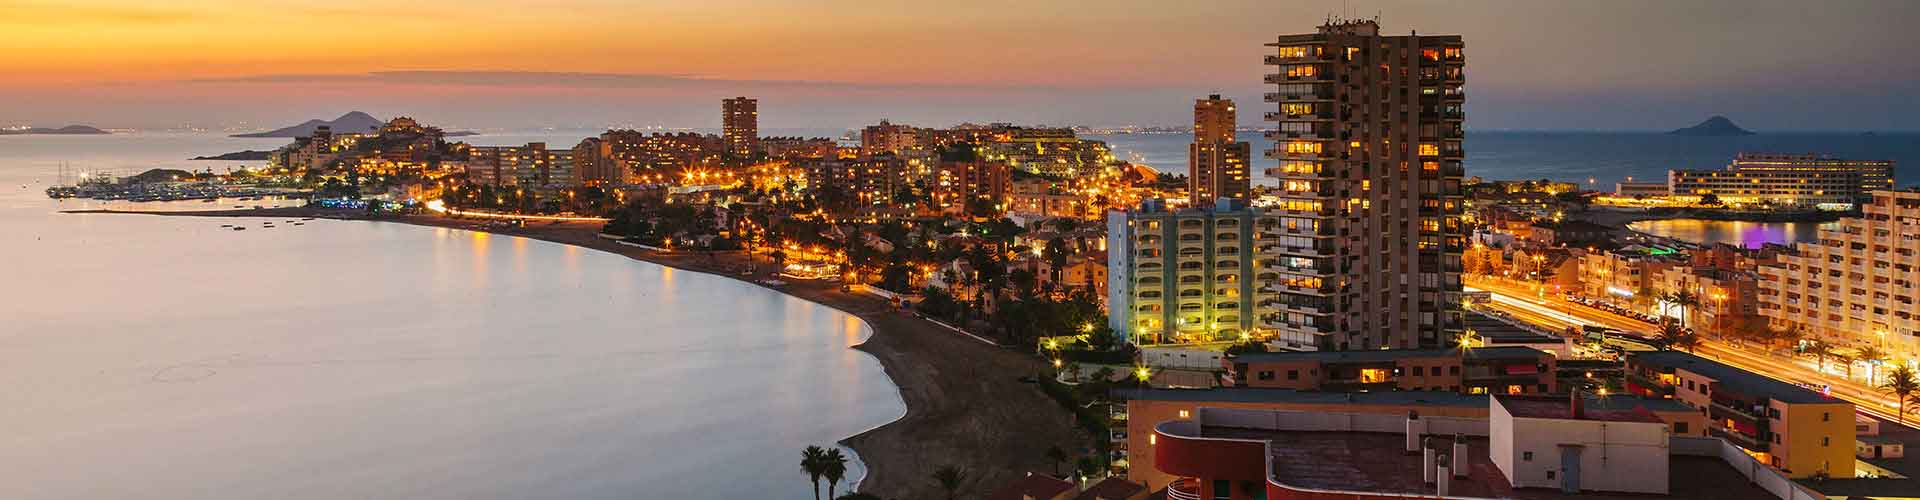 Murcia - Hoteles baratos en Murcia. Mapas de Murcia, Fotos y comentarios de cada Hotel en Murcia.